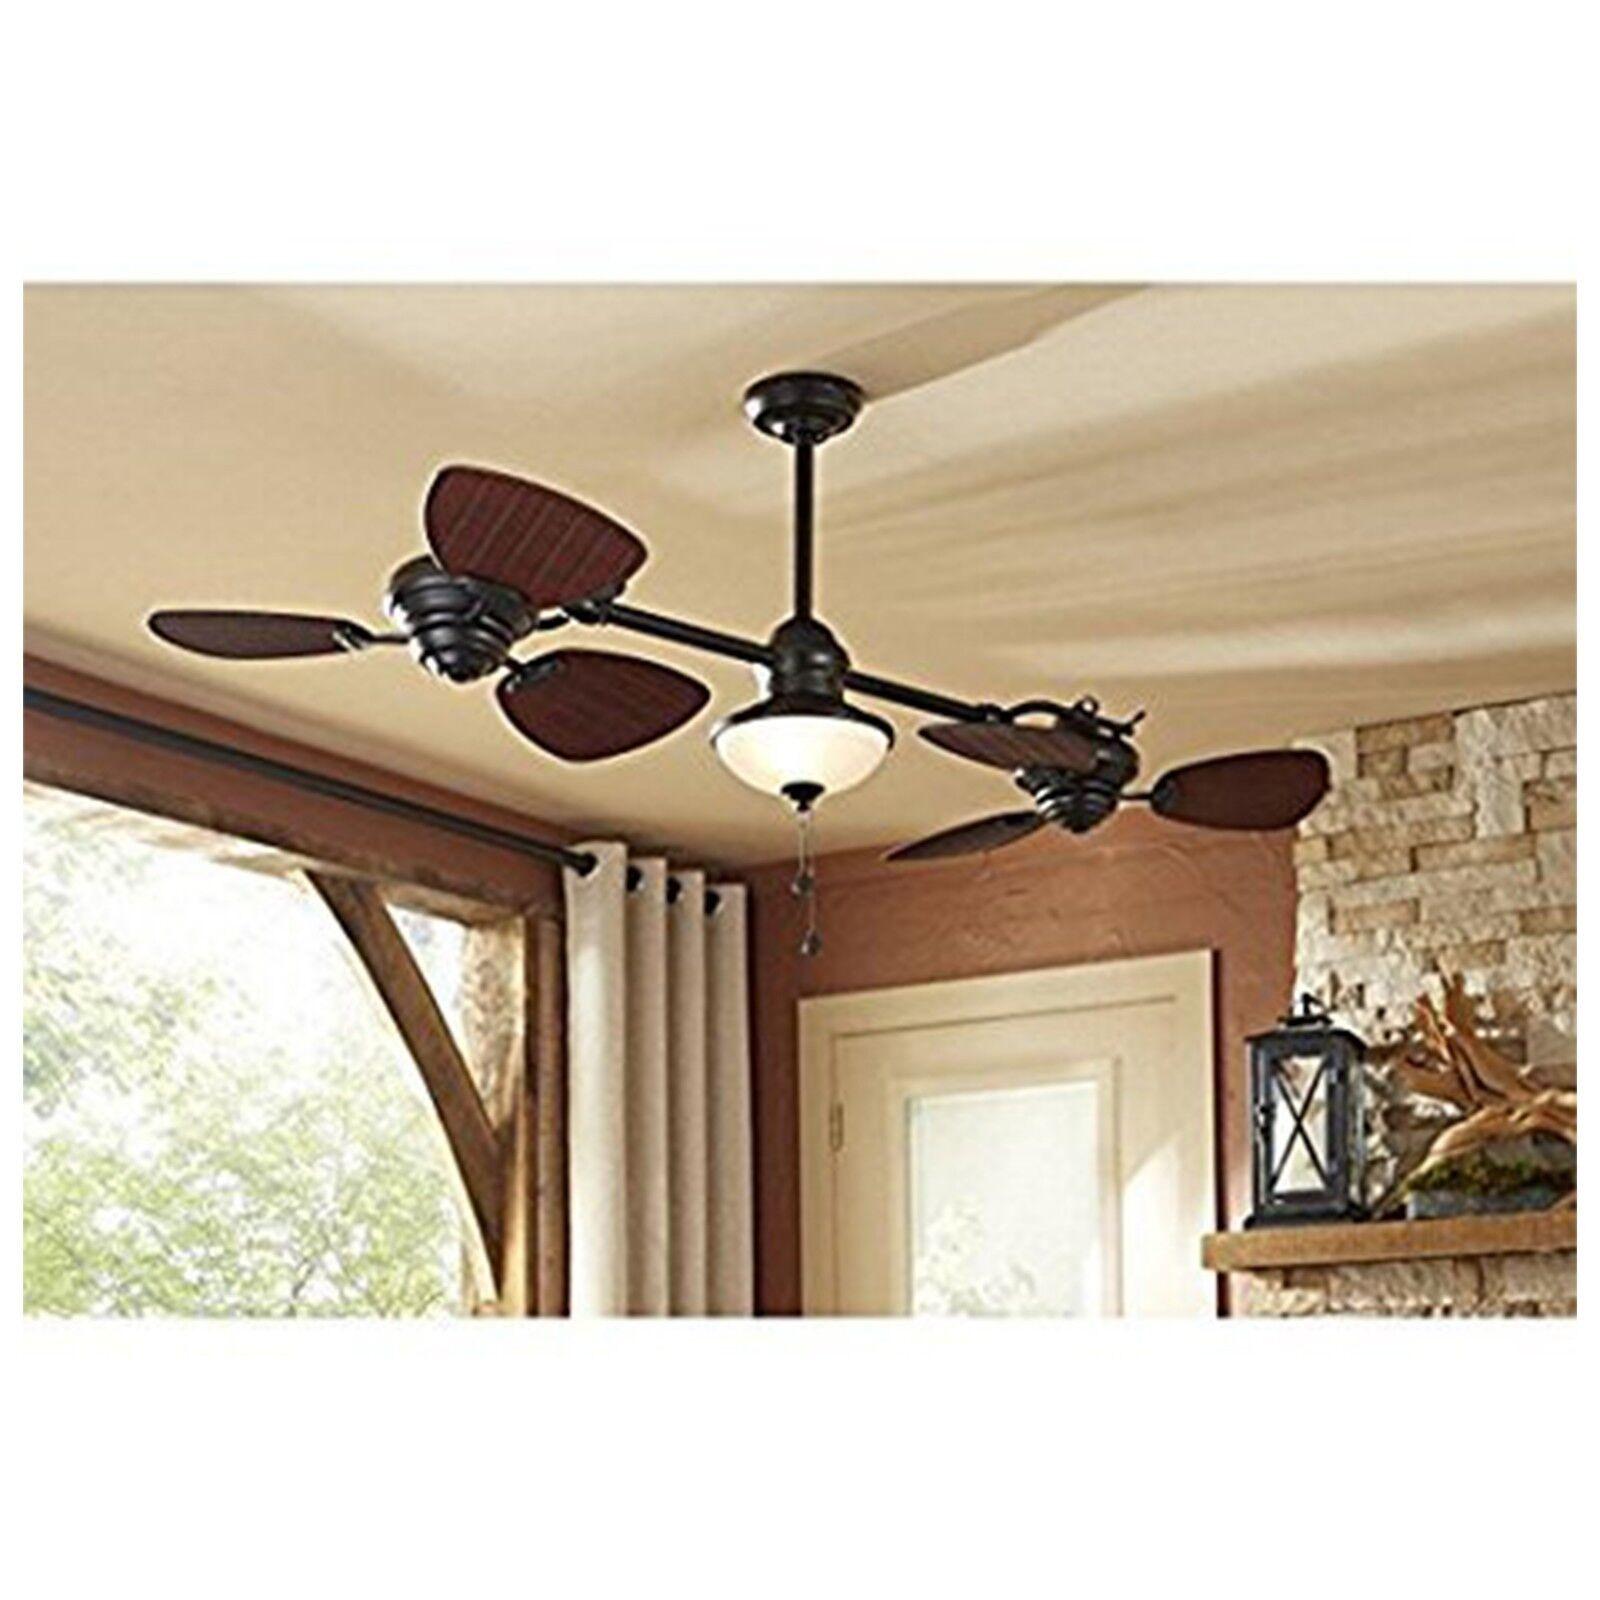 Harbor Breeze Twin 74 In Oil Rubbed Bronze In Outdoor Downrod Mount Ceiling Fan For Sale Online